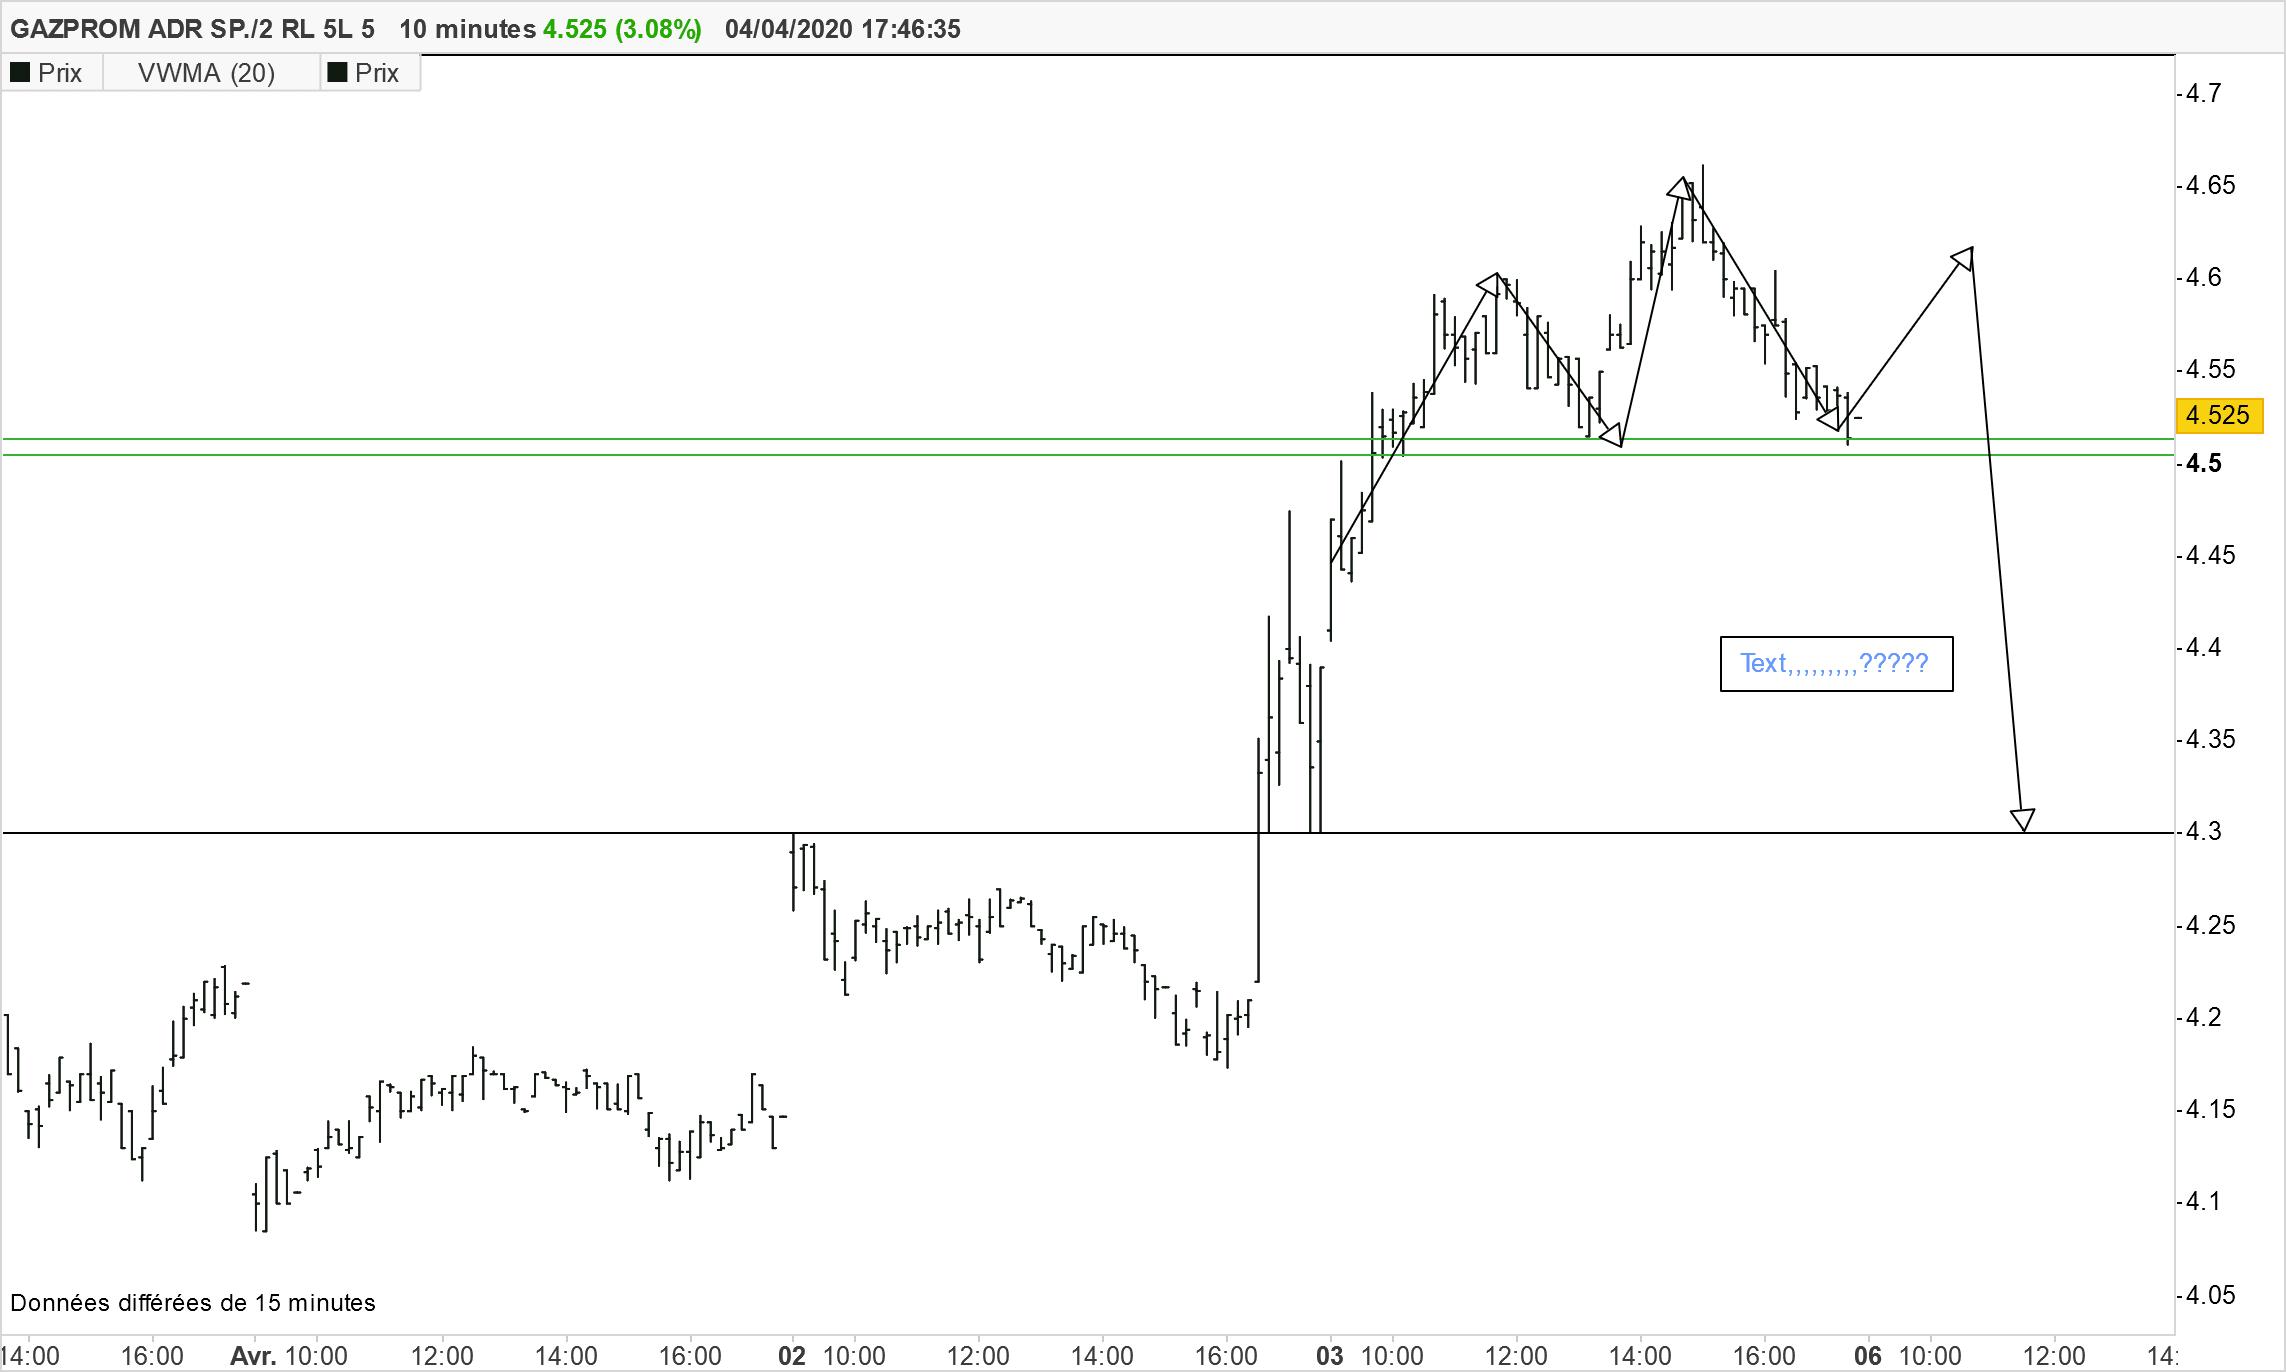 Gazprom Adr